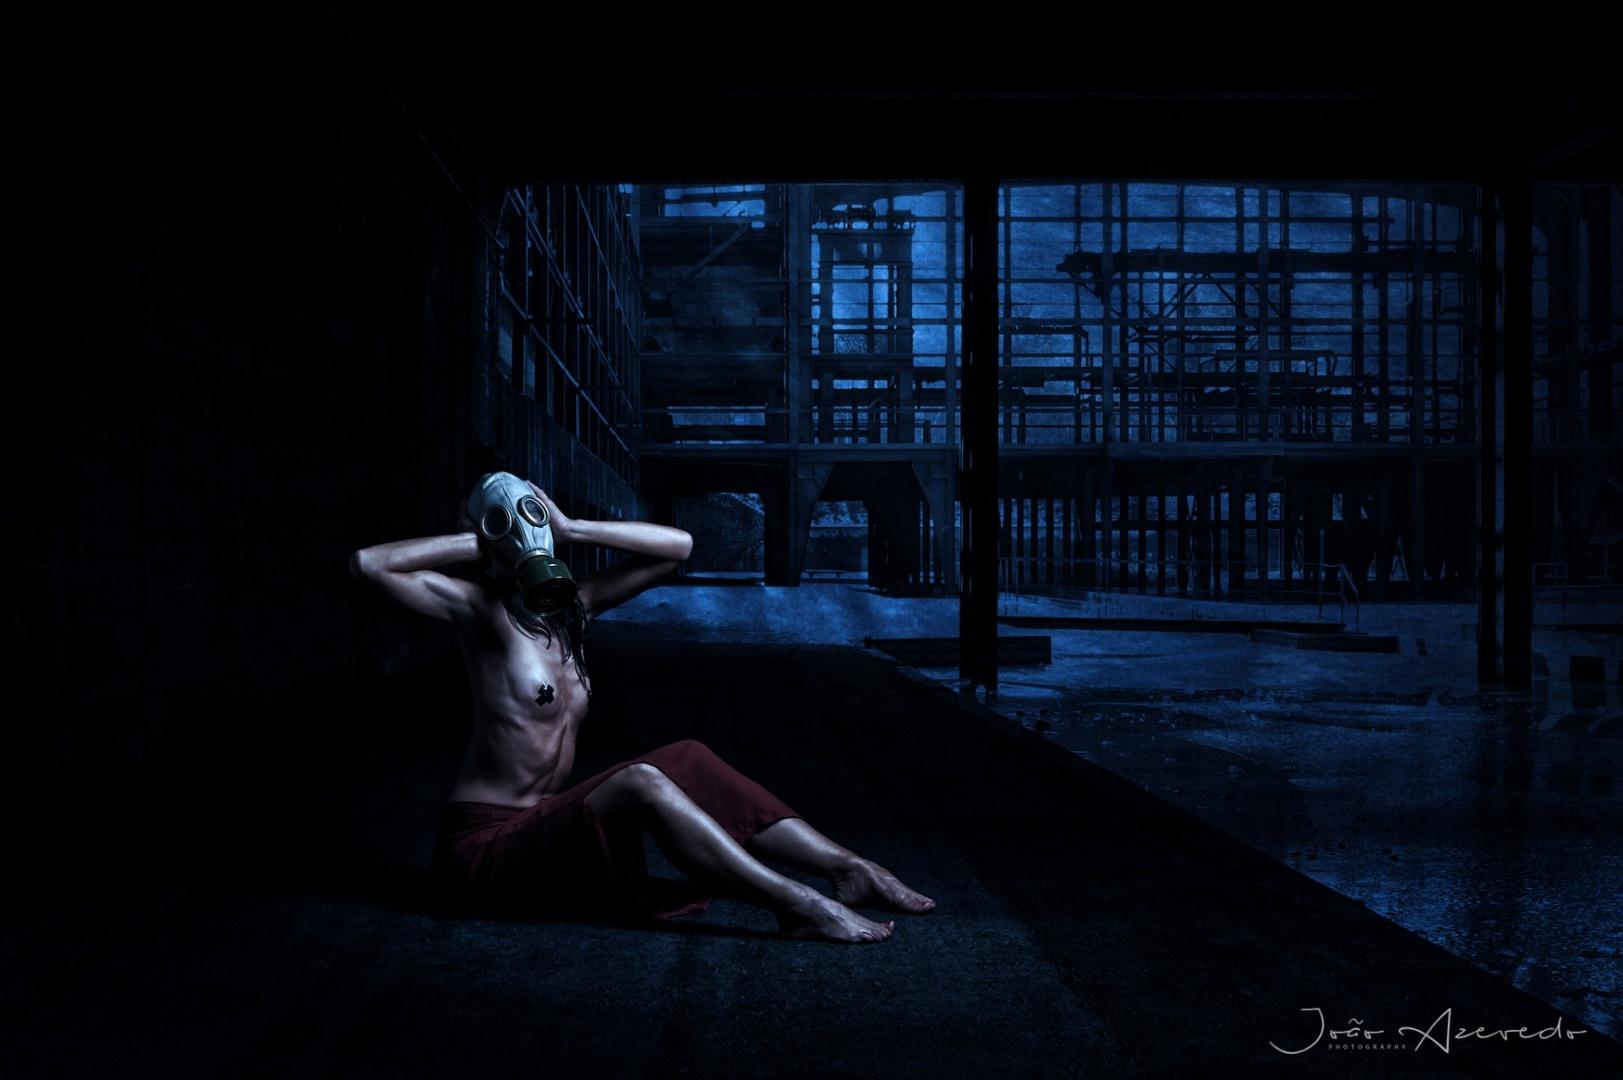 © João Azevedo - Toxic Silence